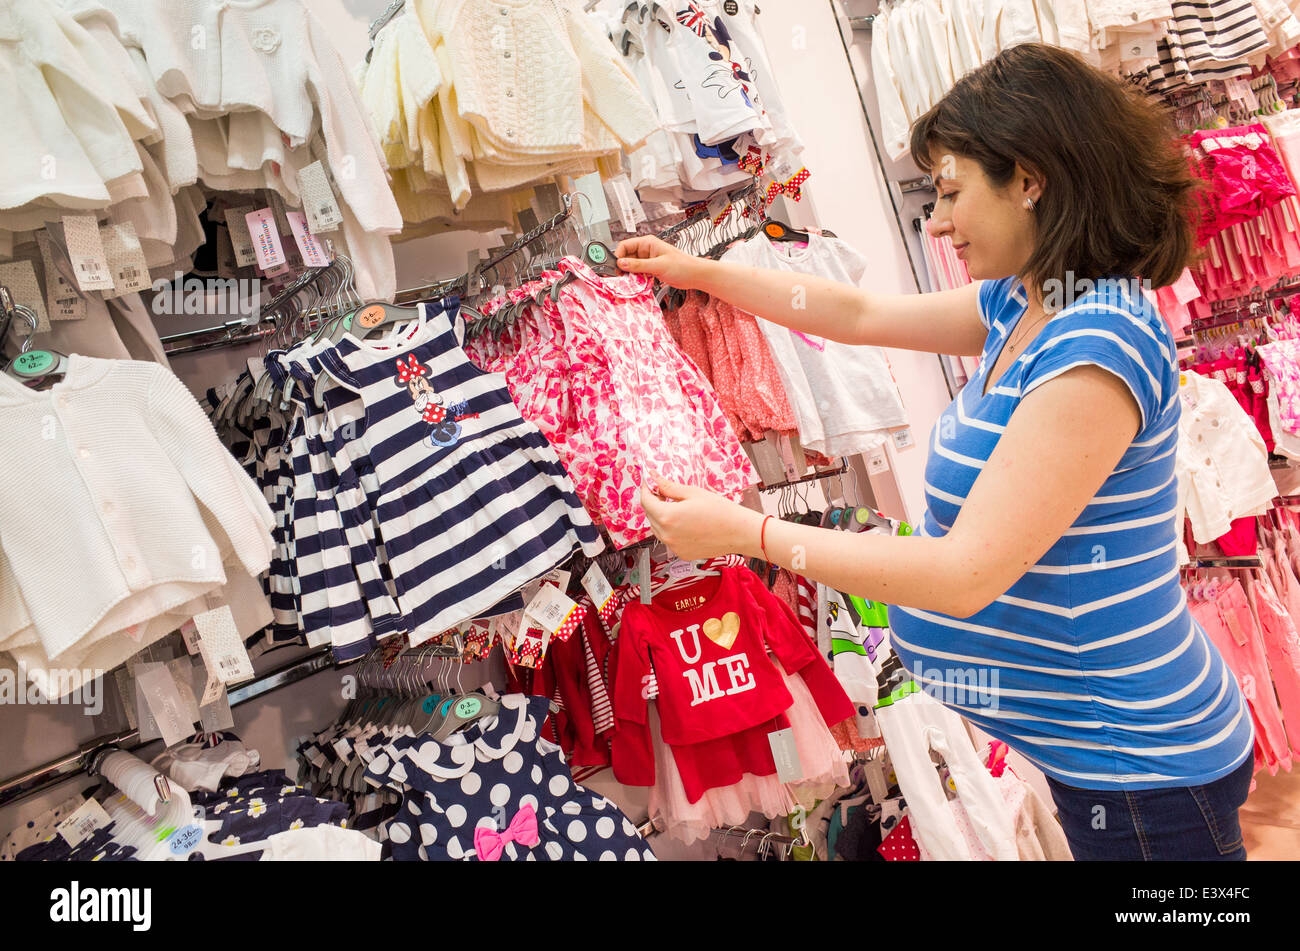 98e66b3b52 Mujer embarazada comprando ropa de bebé en Primark